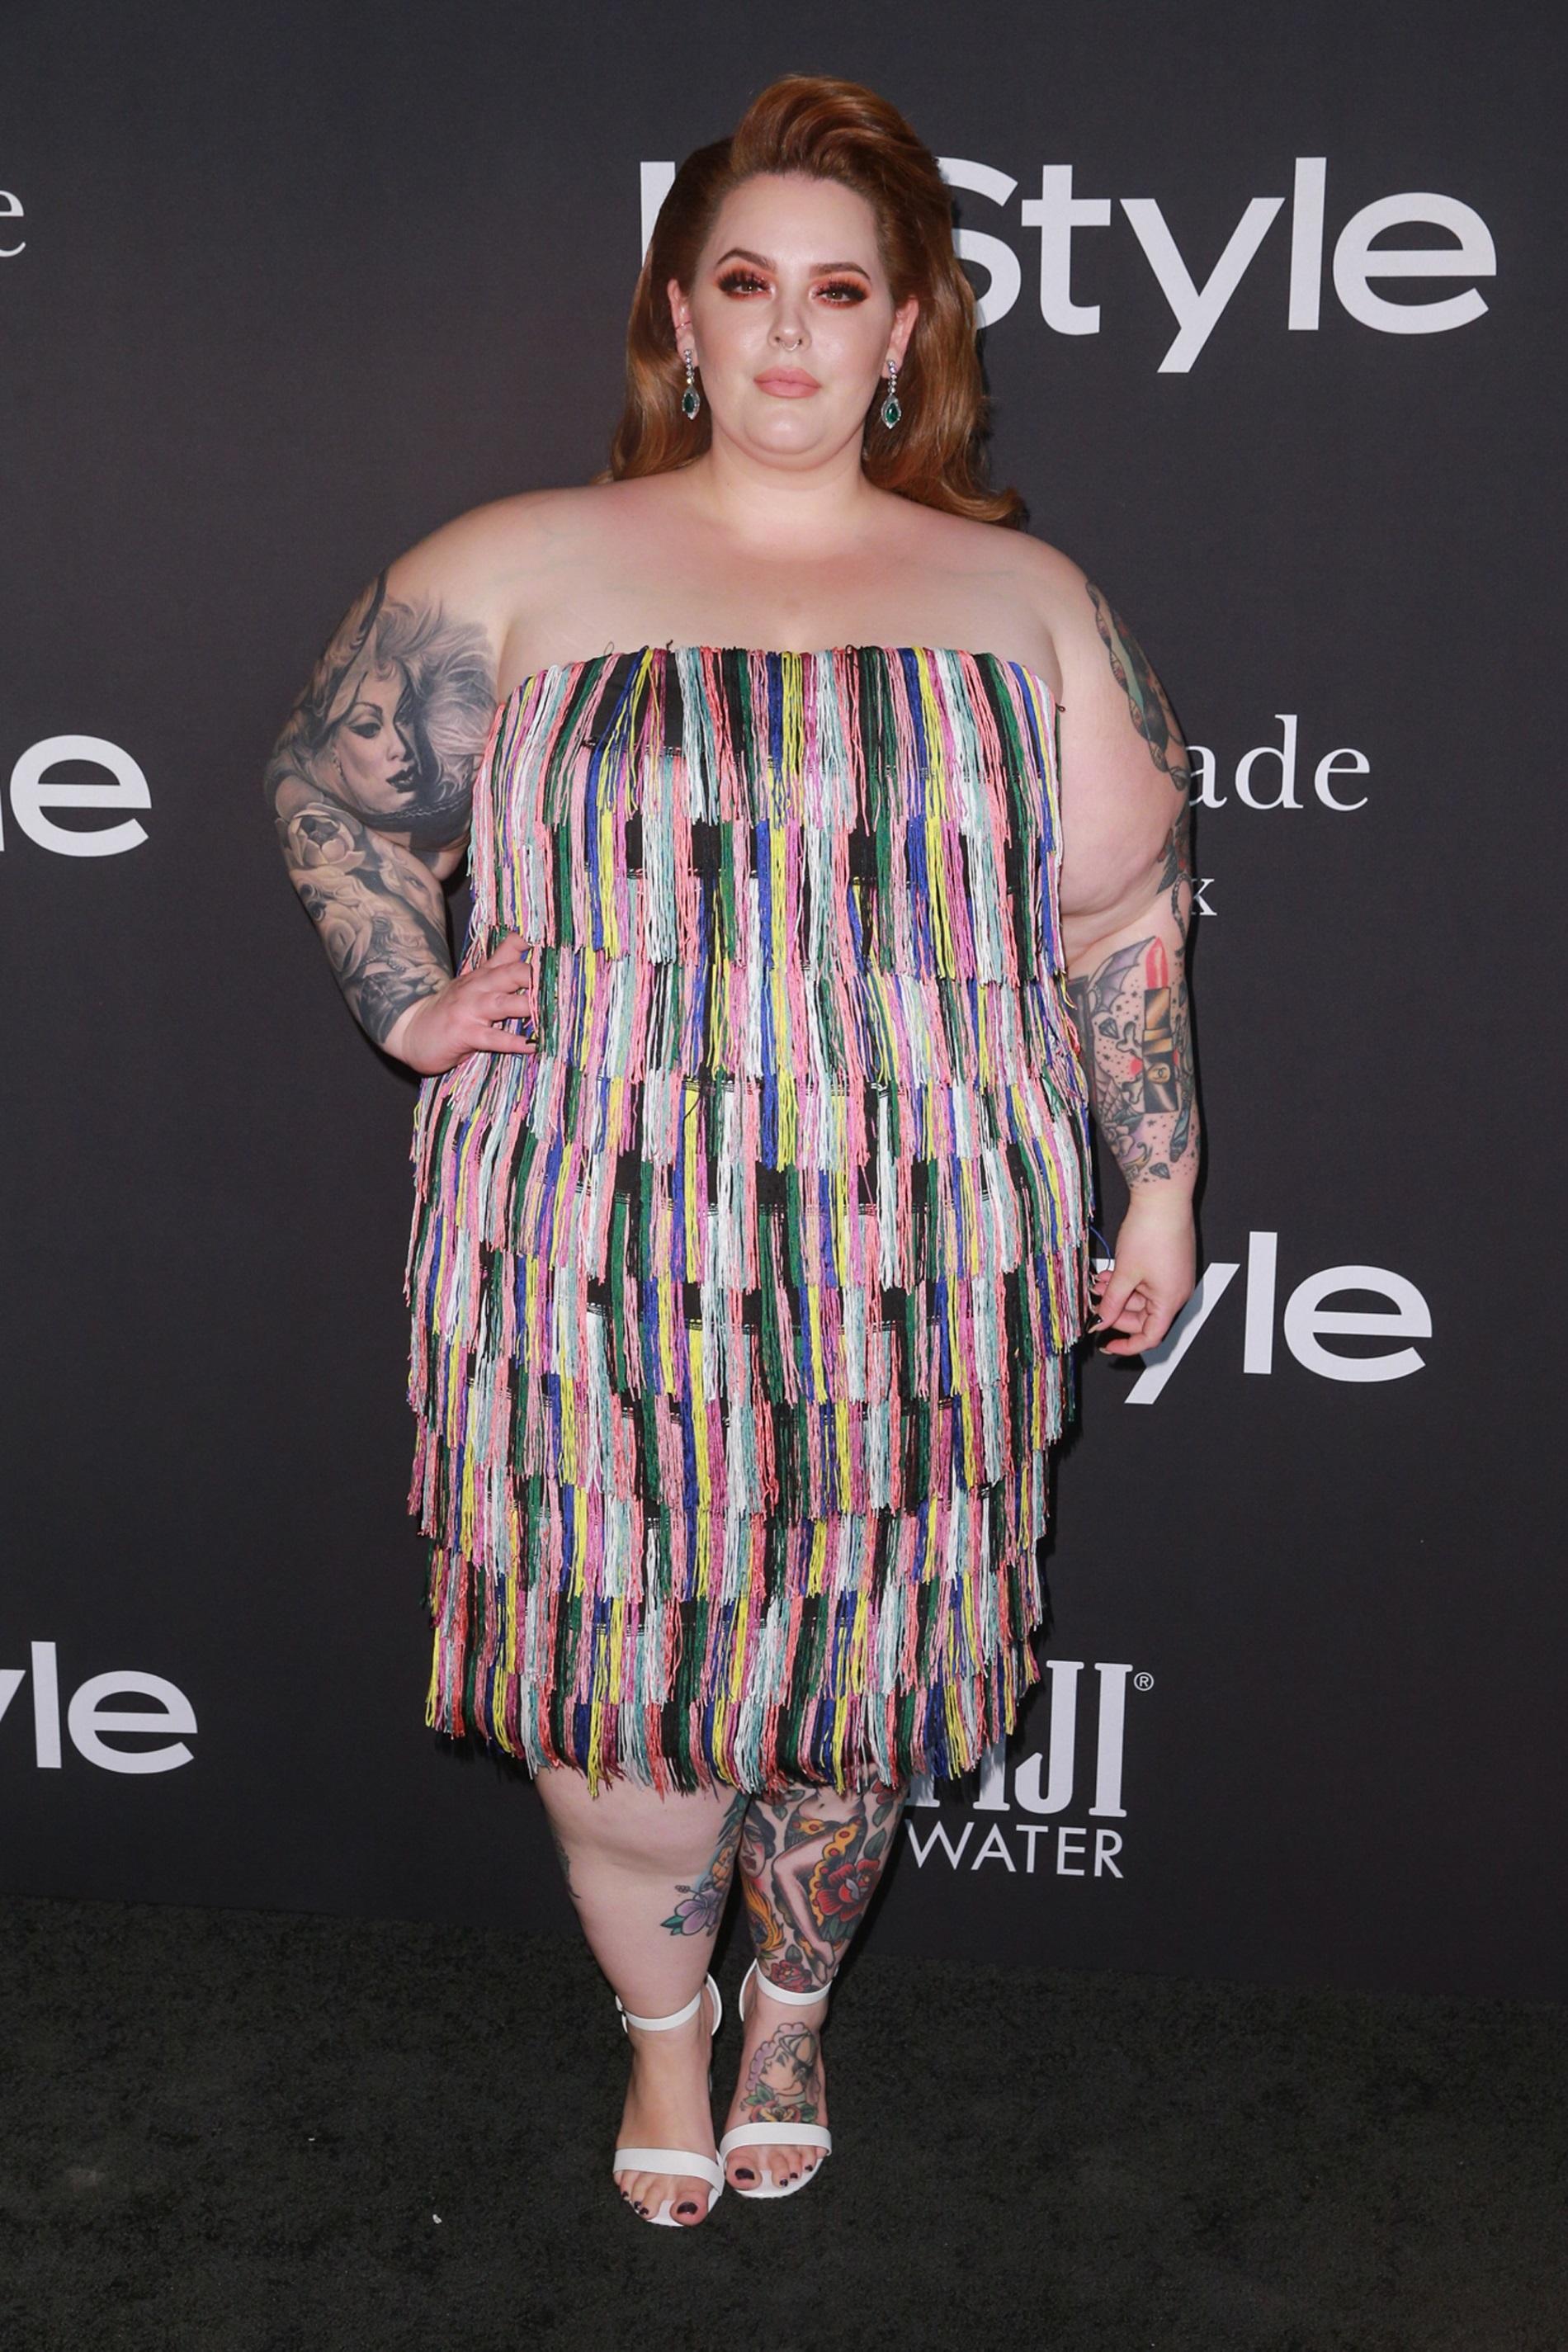 Един от най-популярните plus-size модели Тес Холидей